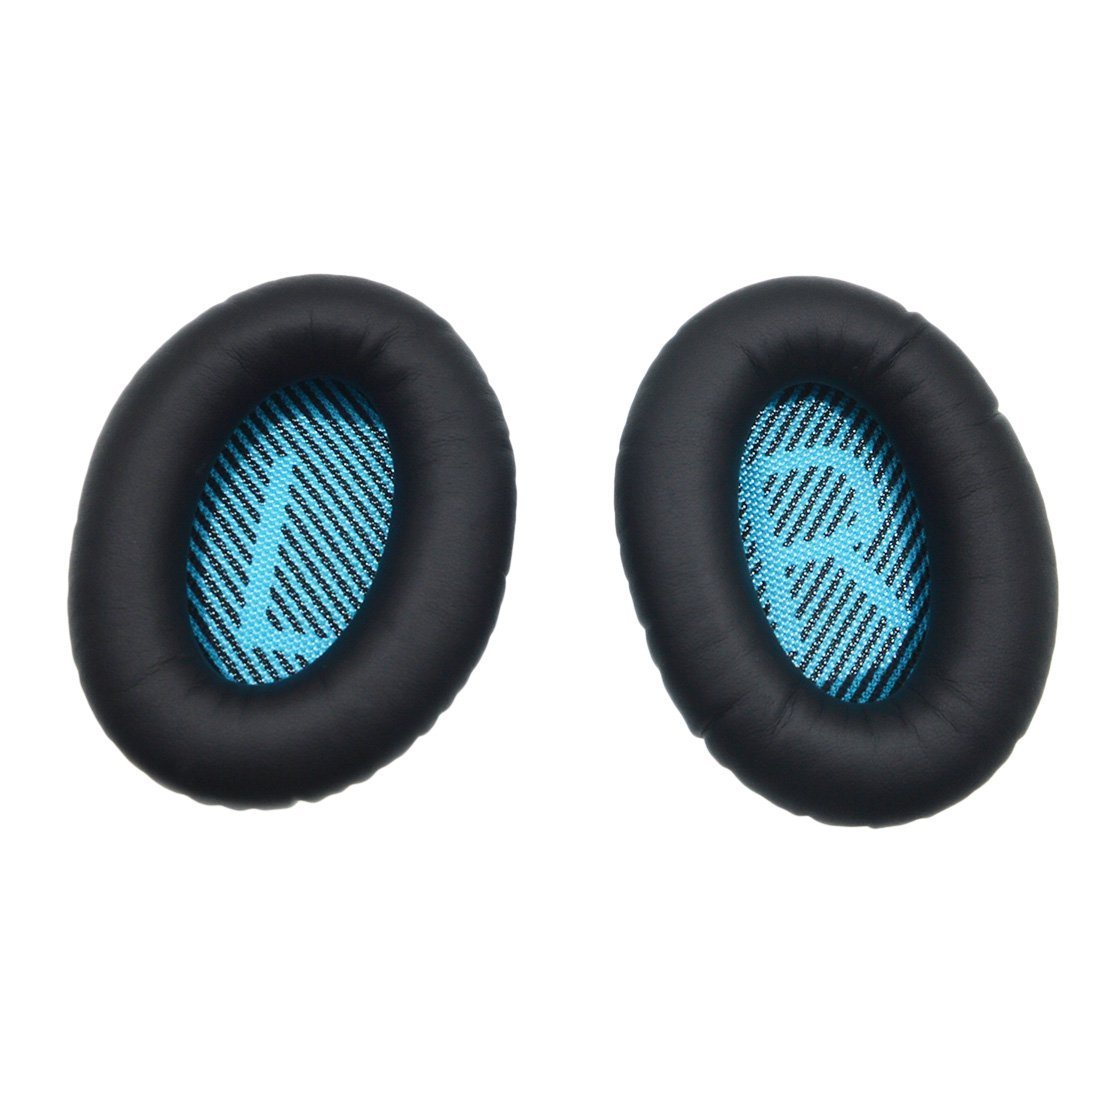 Reemplazo Cojín de oído para Bose Quietcomfort 2 QC2, Quietcomfort 15 QC15, Quietcomfort 25 QC25, Quietcomfort 35 QC35, Around Ear 2 AE2, AE2i, ...